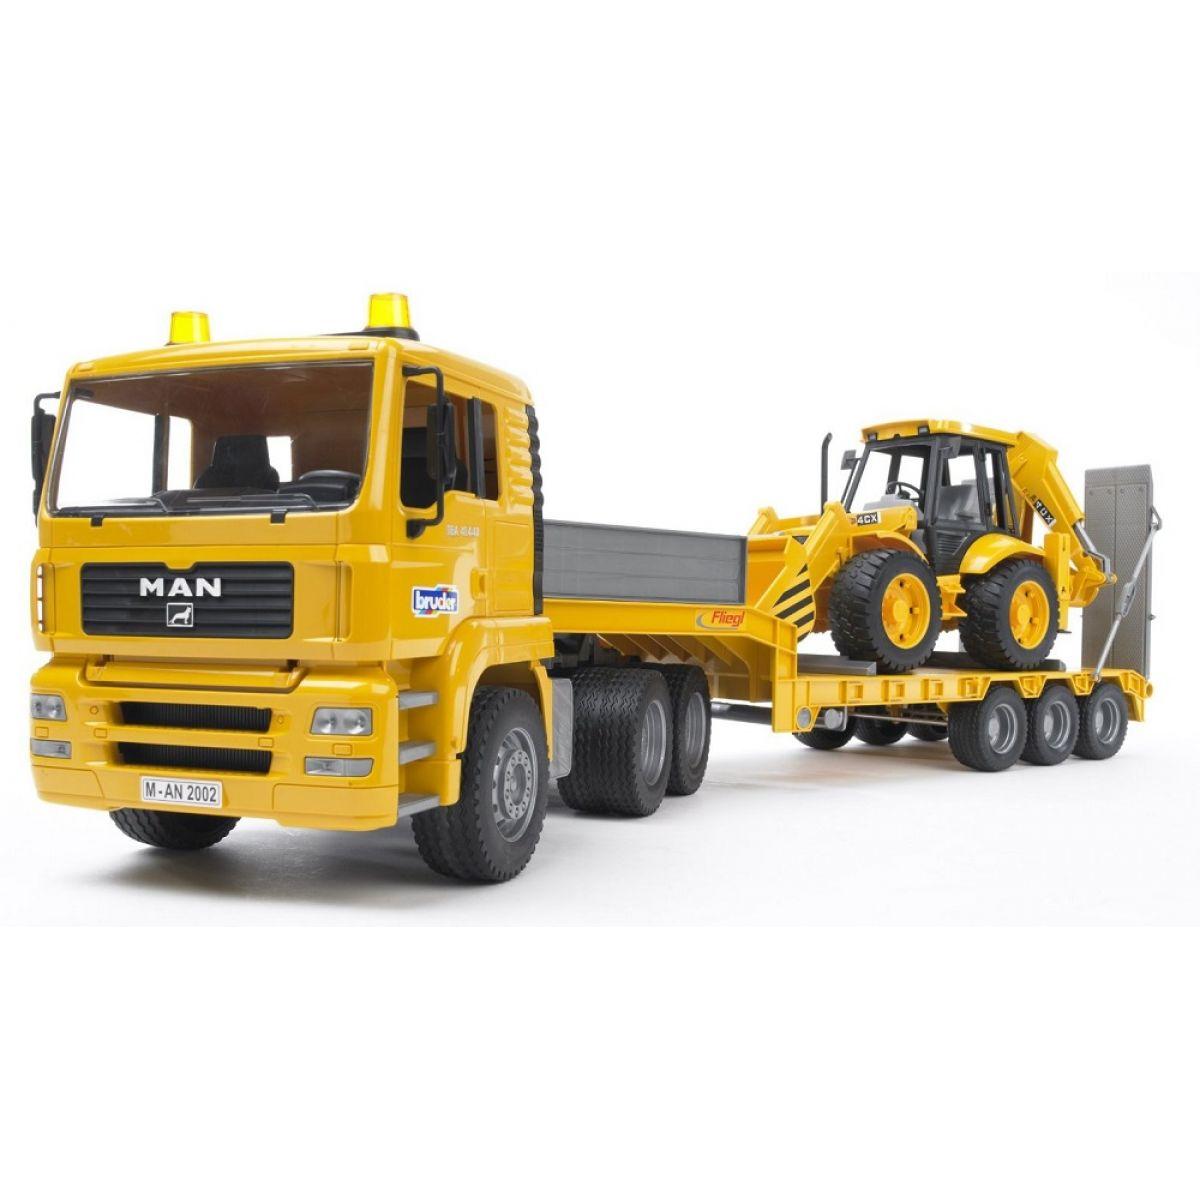 Bruder 02776 Nákladné auto MAN náves + traktor JCB